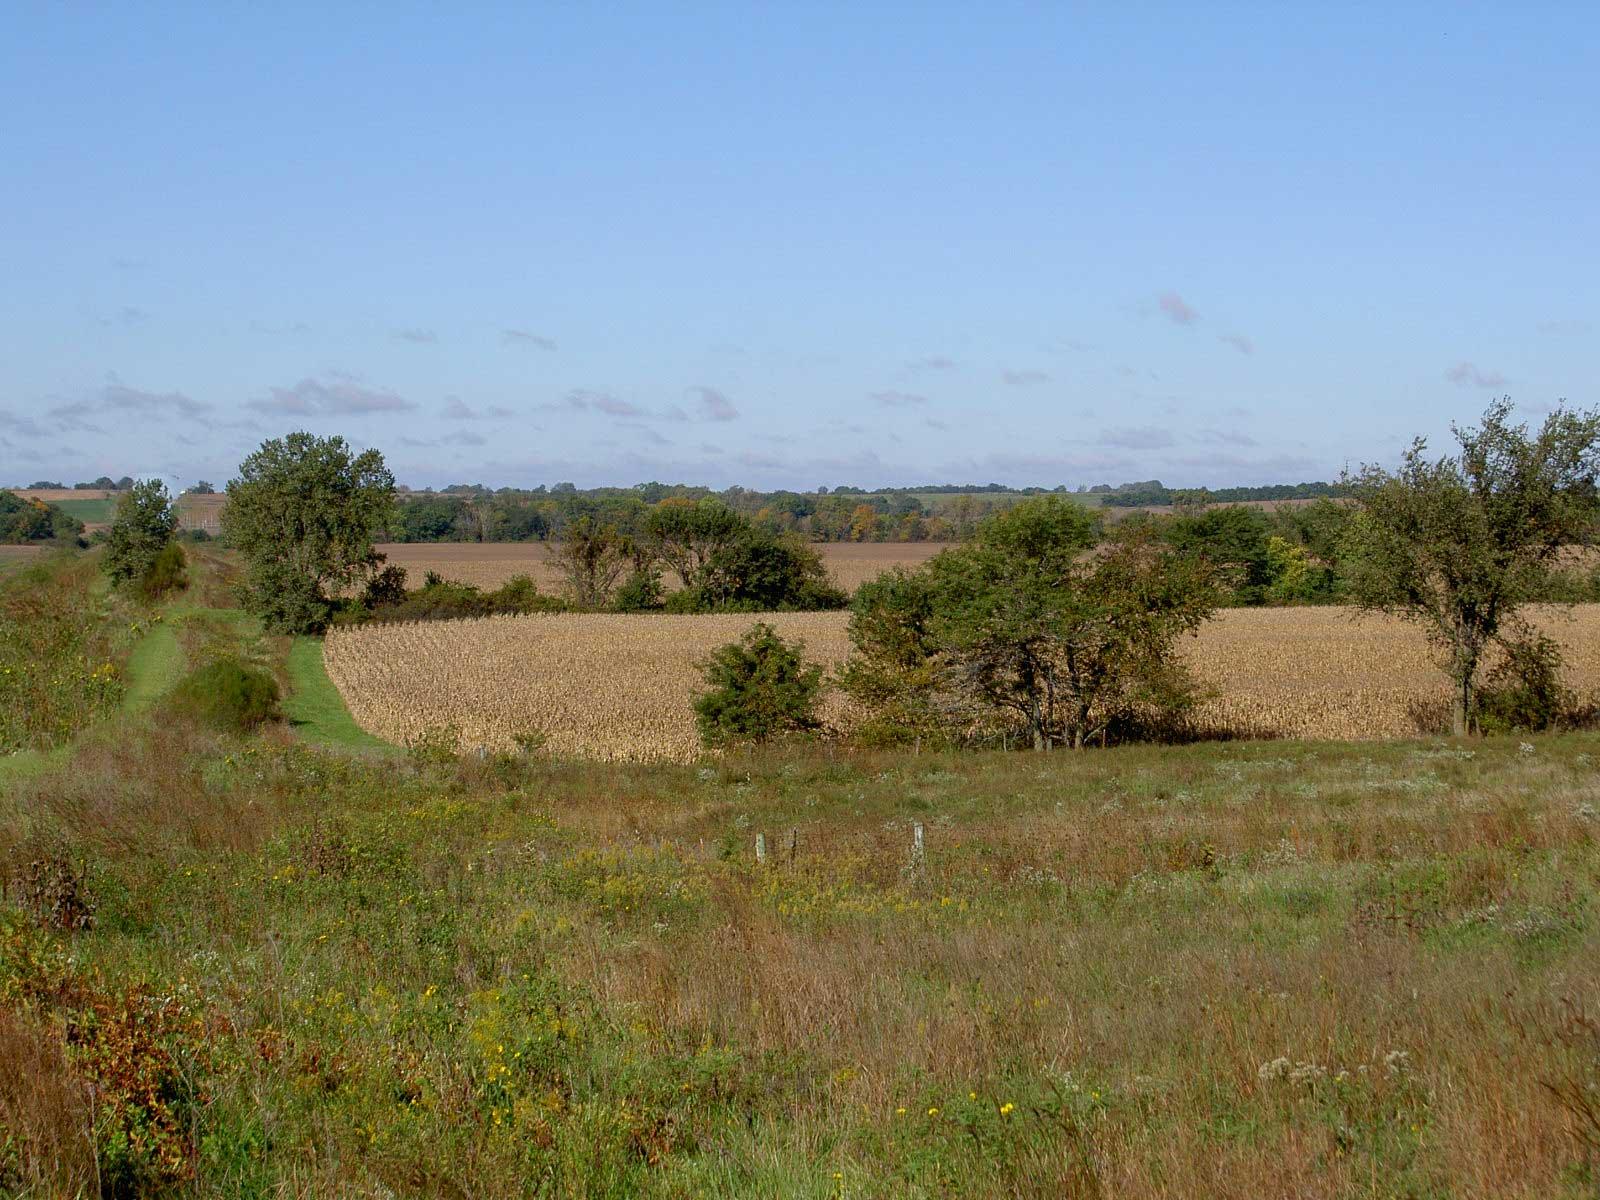 Near Kellerton, Iowa